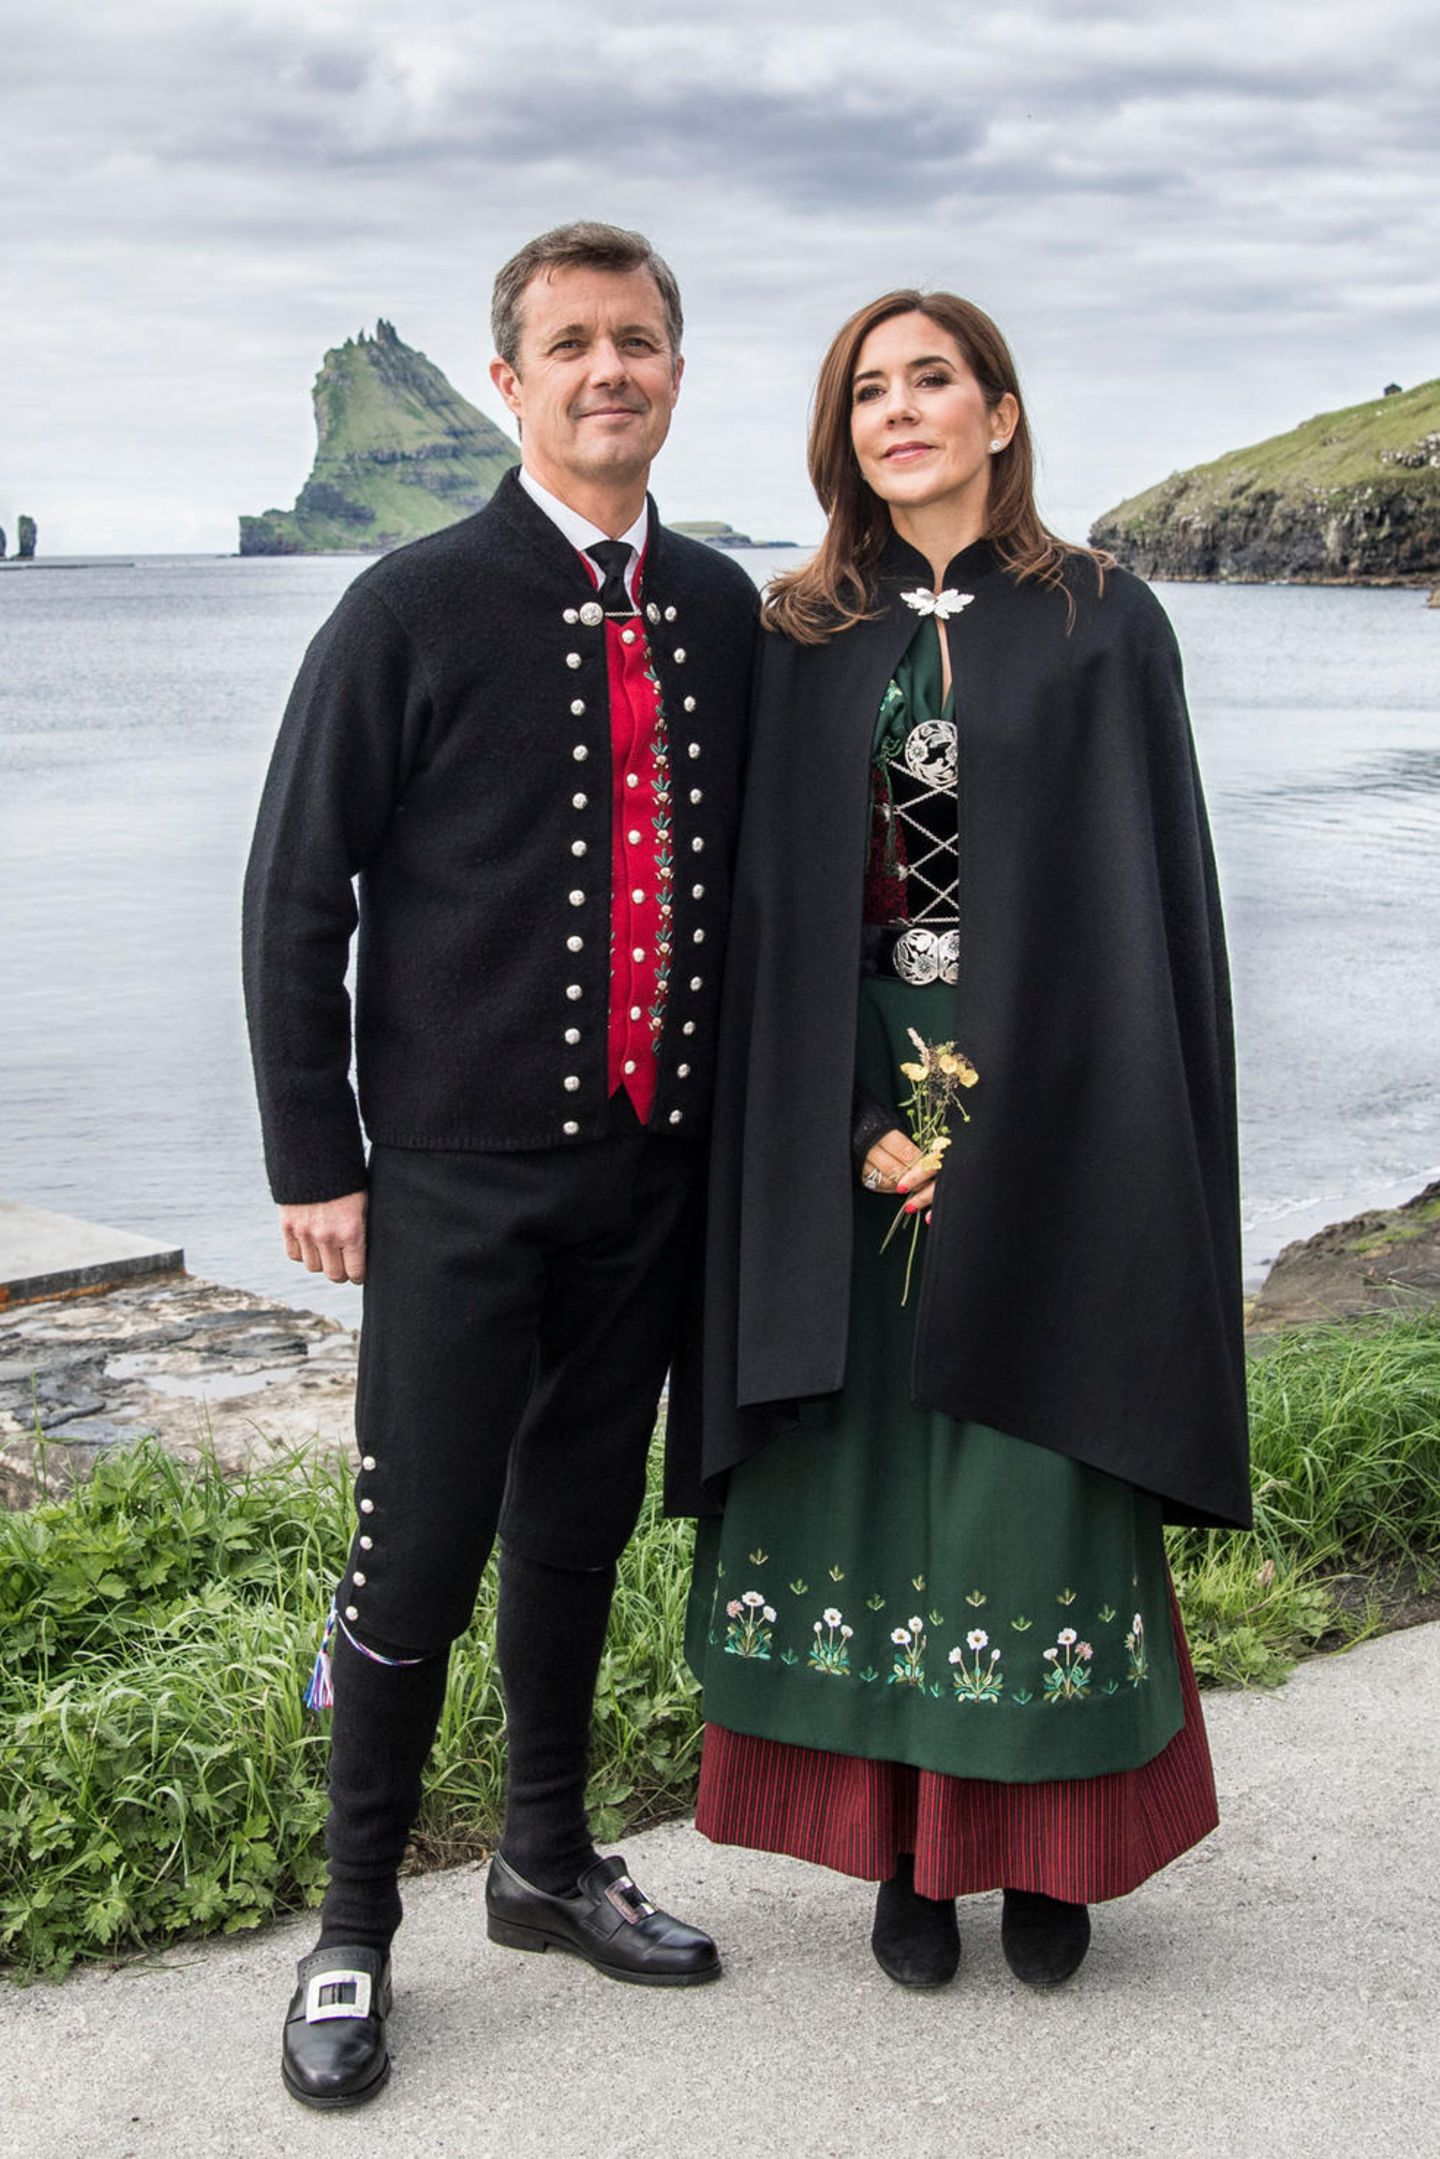 26. August 2018  Kronprinzessin Mary und Kronprinz Frederik bei der Ankunft zum offiziellen Mittagessen in Bøur im Rahmen des Besuchs auf den Färöer Inseln mit dem Königsschiff.